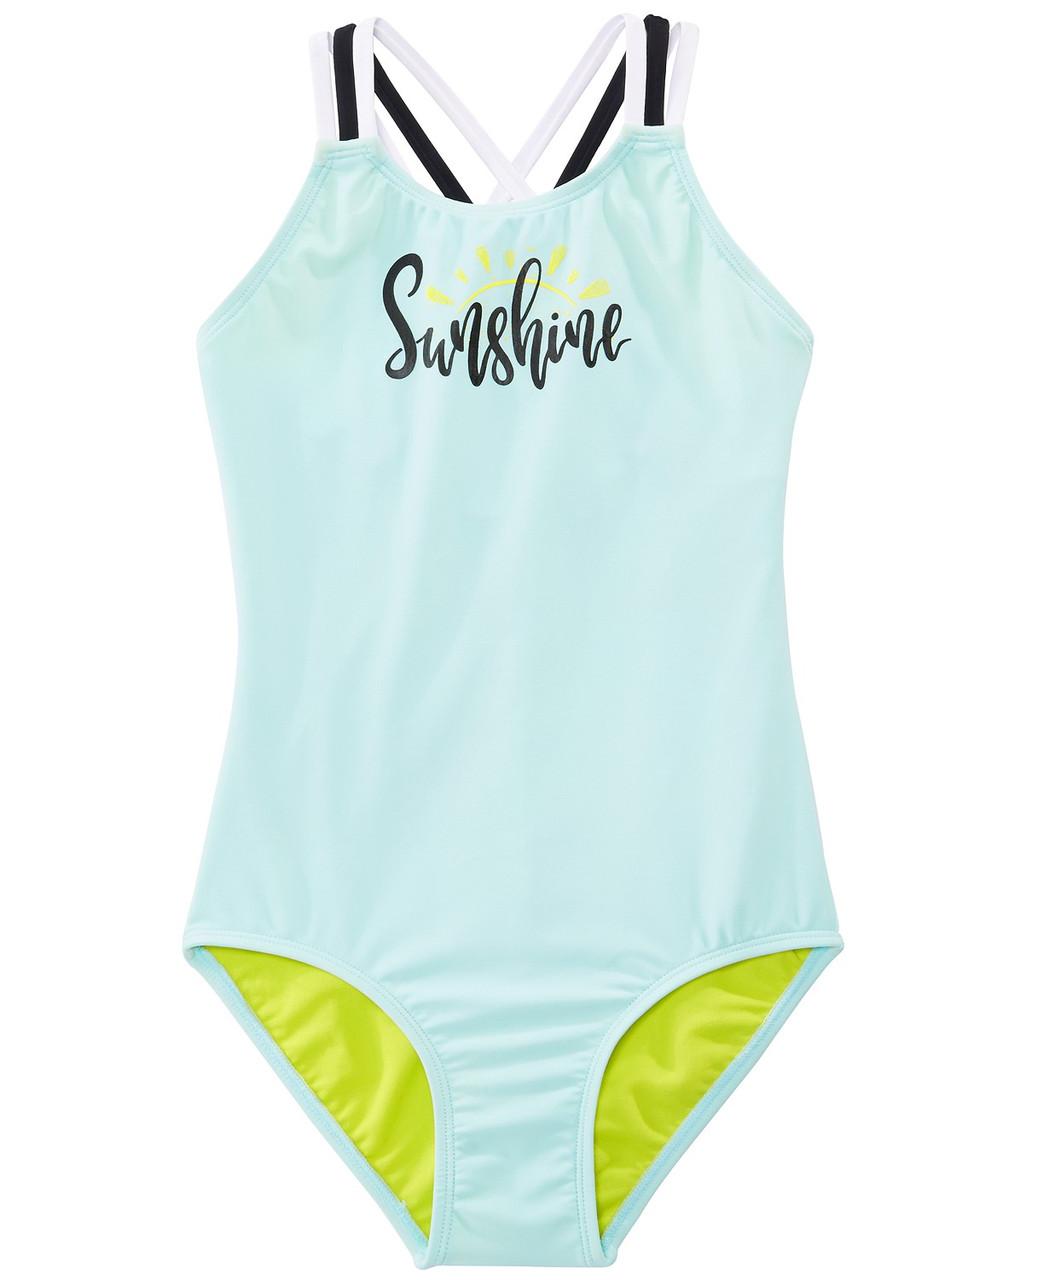 Summer Crush Детский купальник для девочек 2000000411347